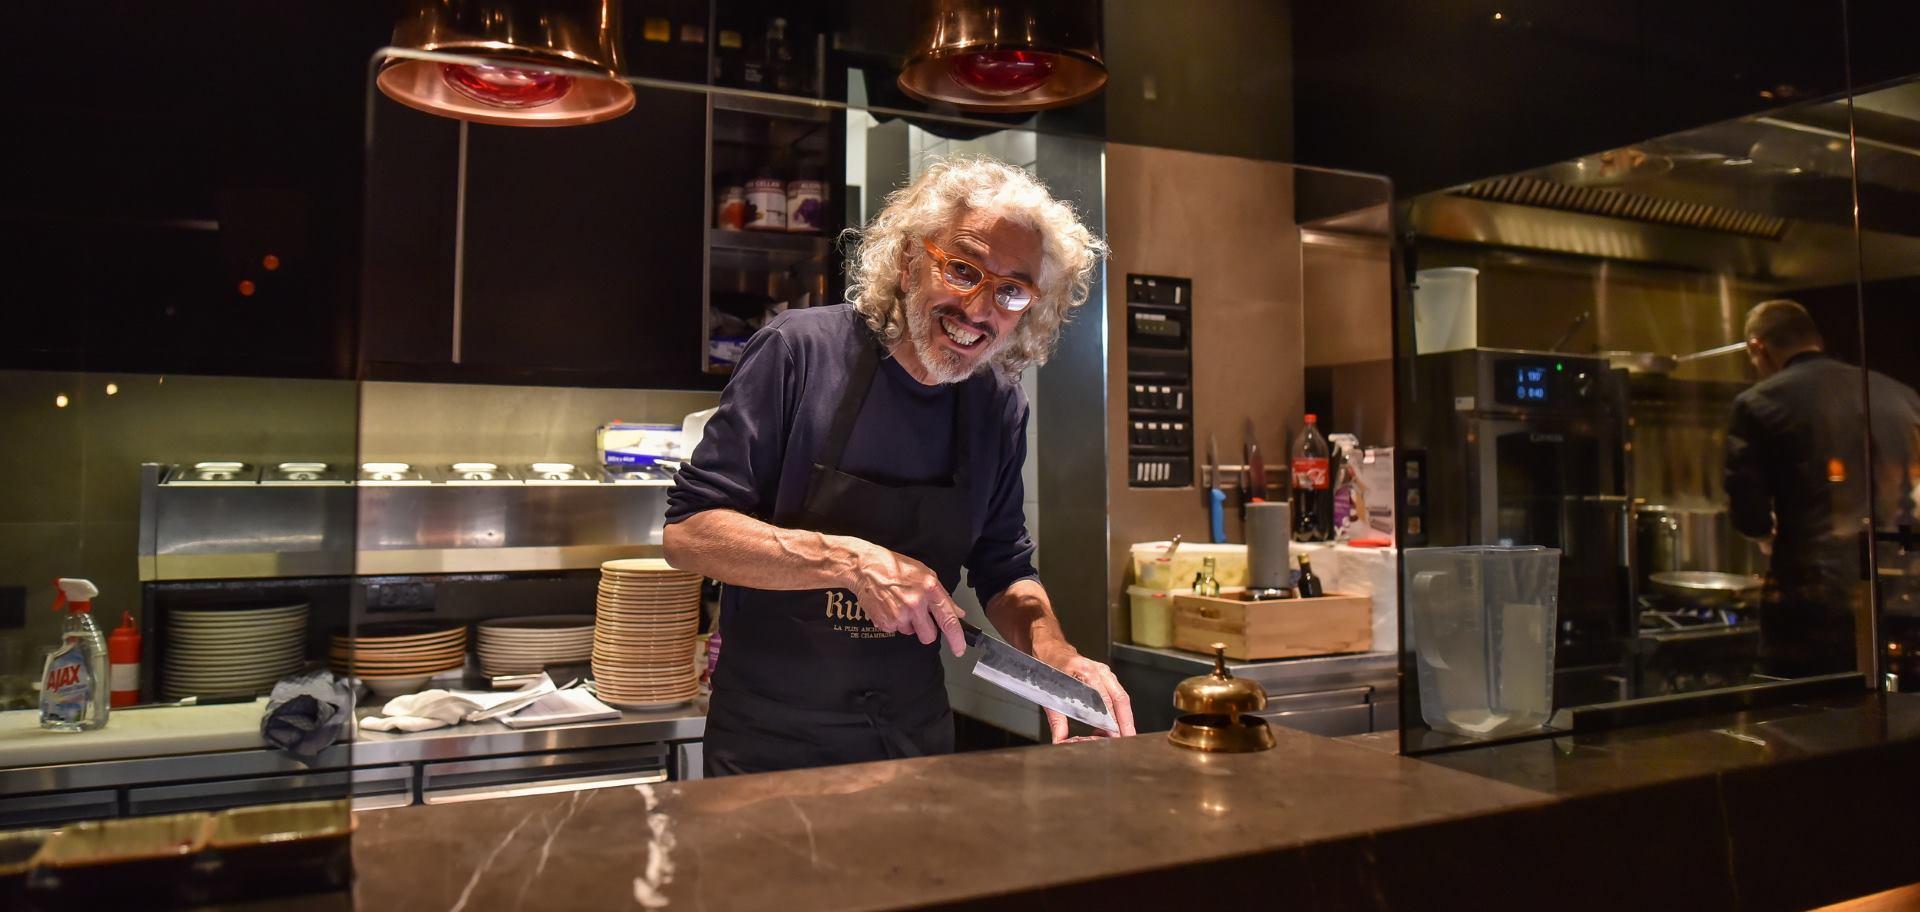 FOTO: BARBIERI'S Vrhunski talijanski specijaliteti s potpisom popularnog chefa Marca Sassa